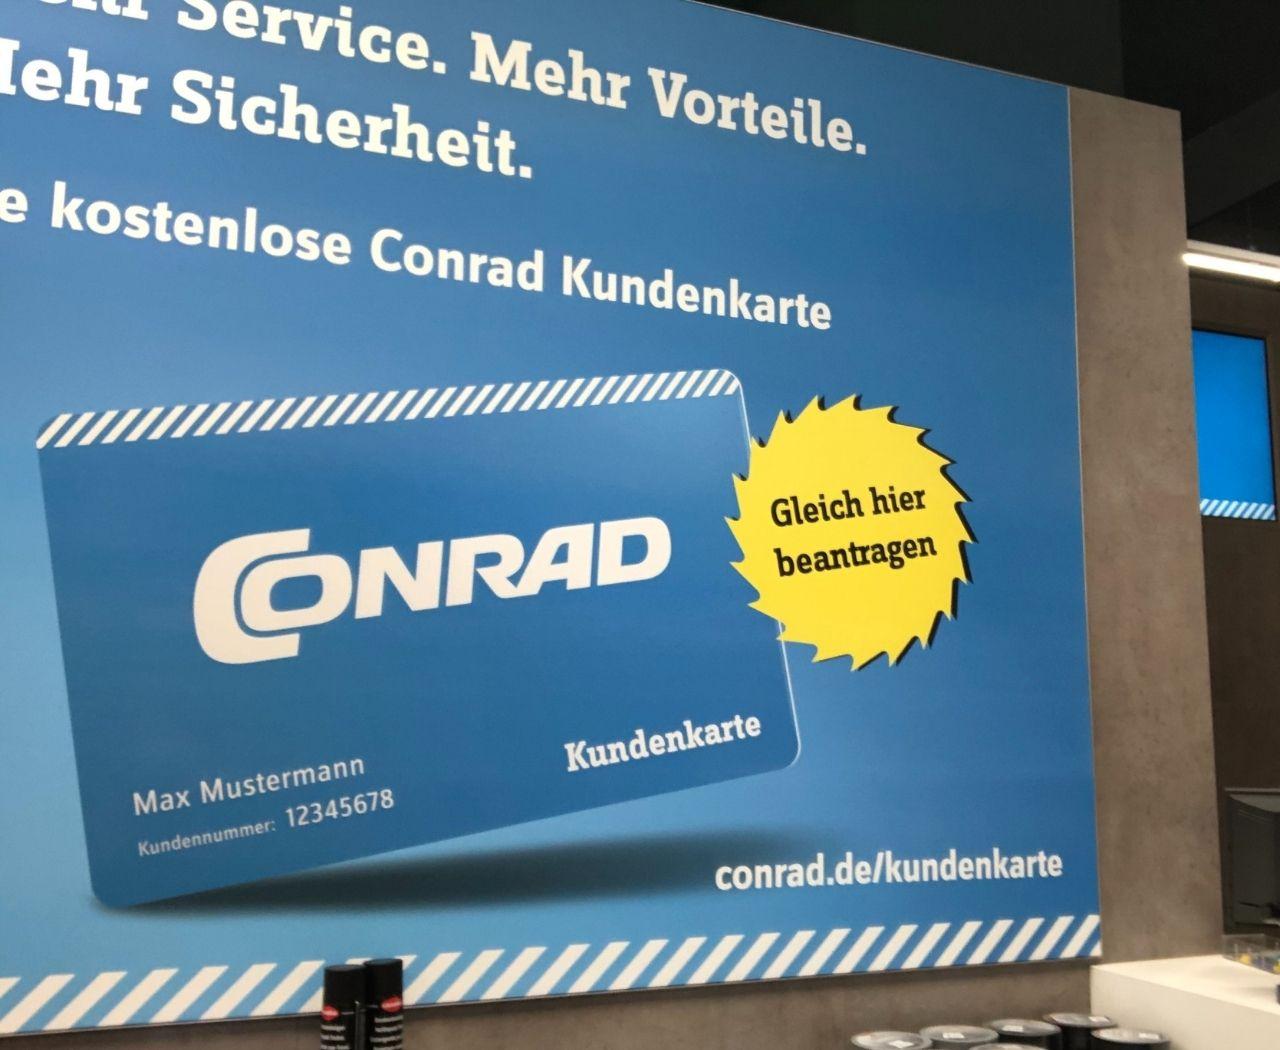 Conrad-Kunden können ihre App als Kundenkarte nutzen